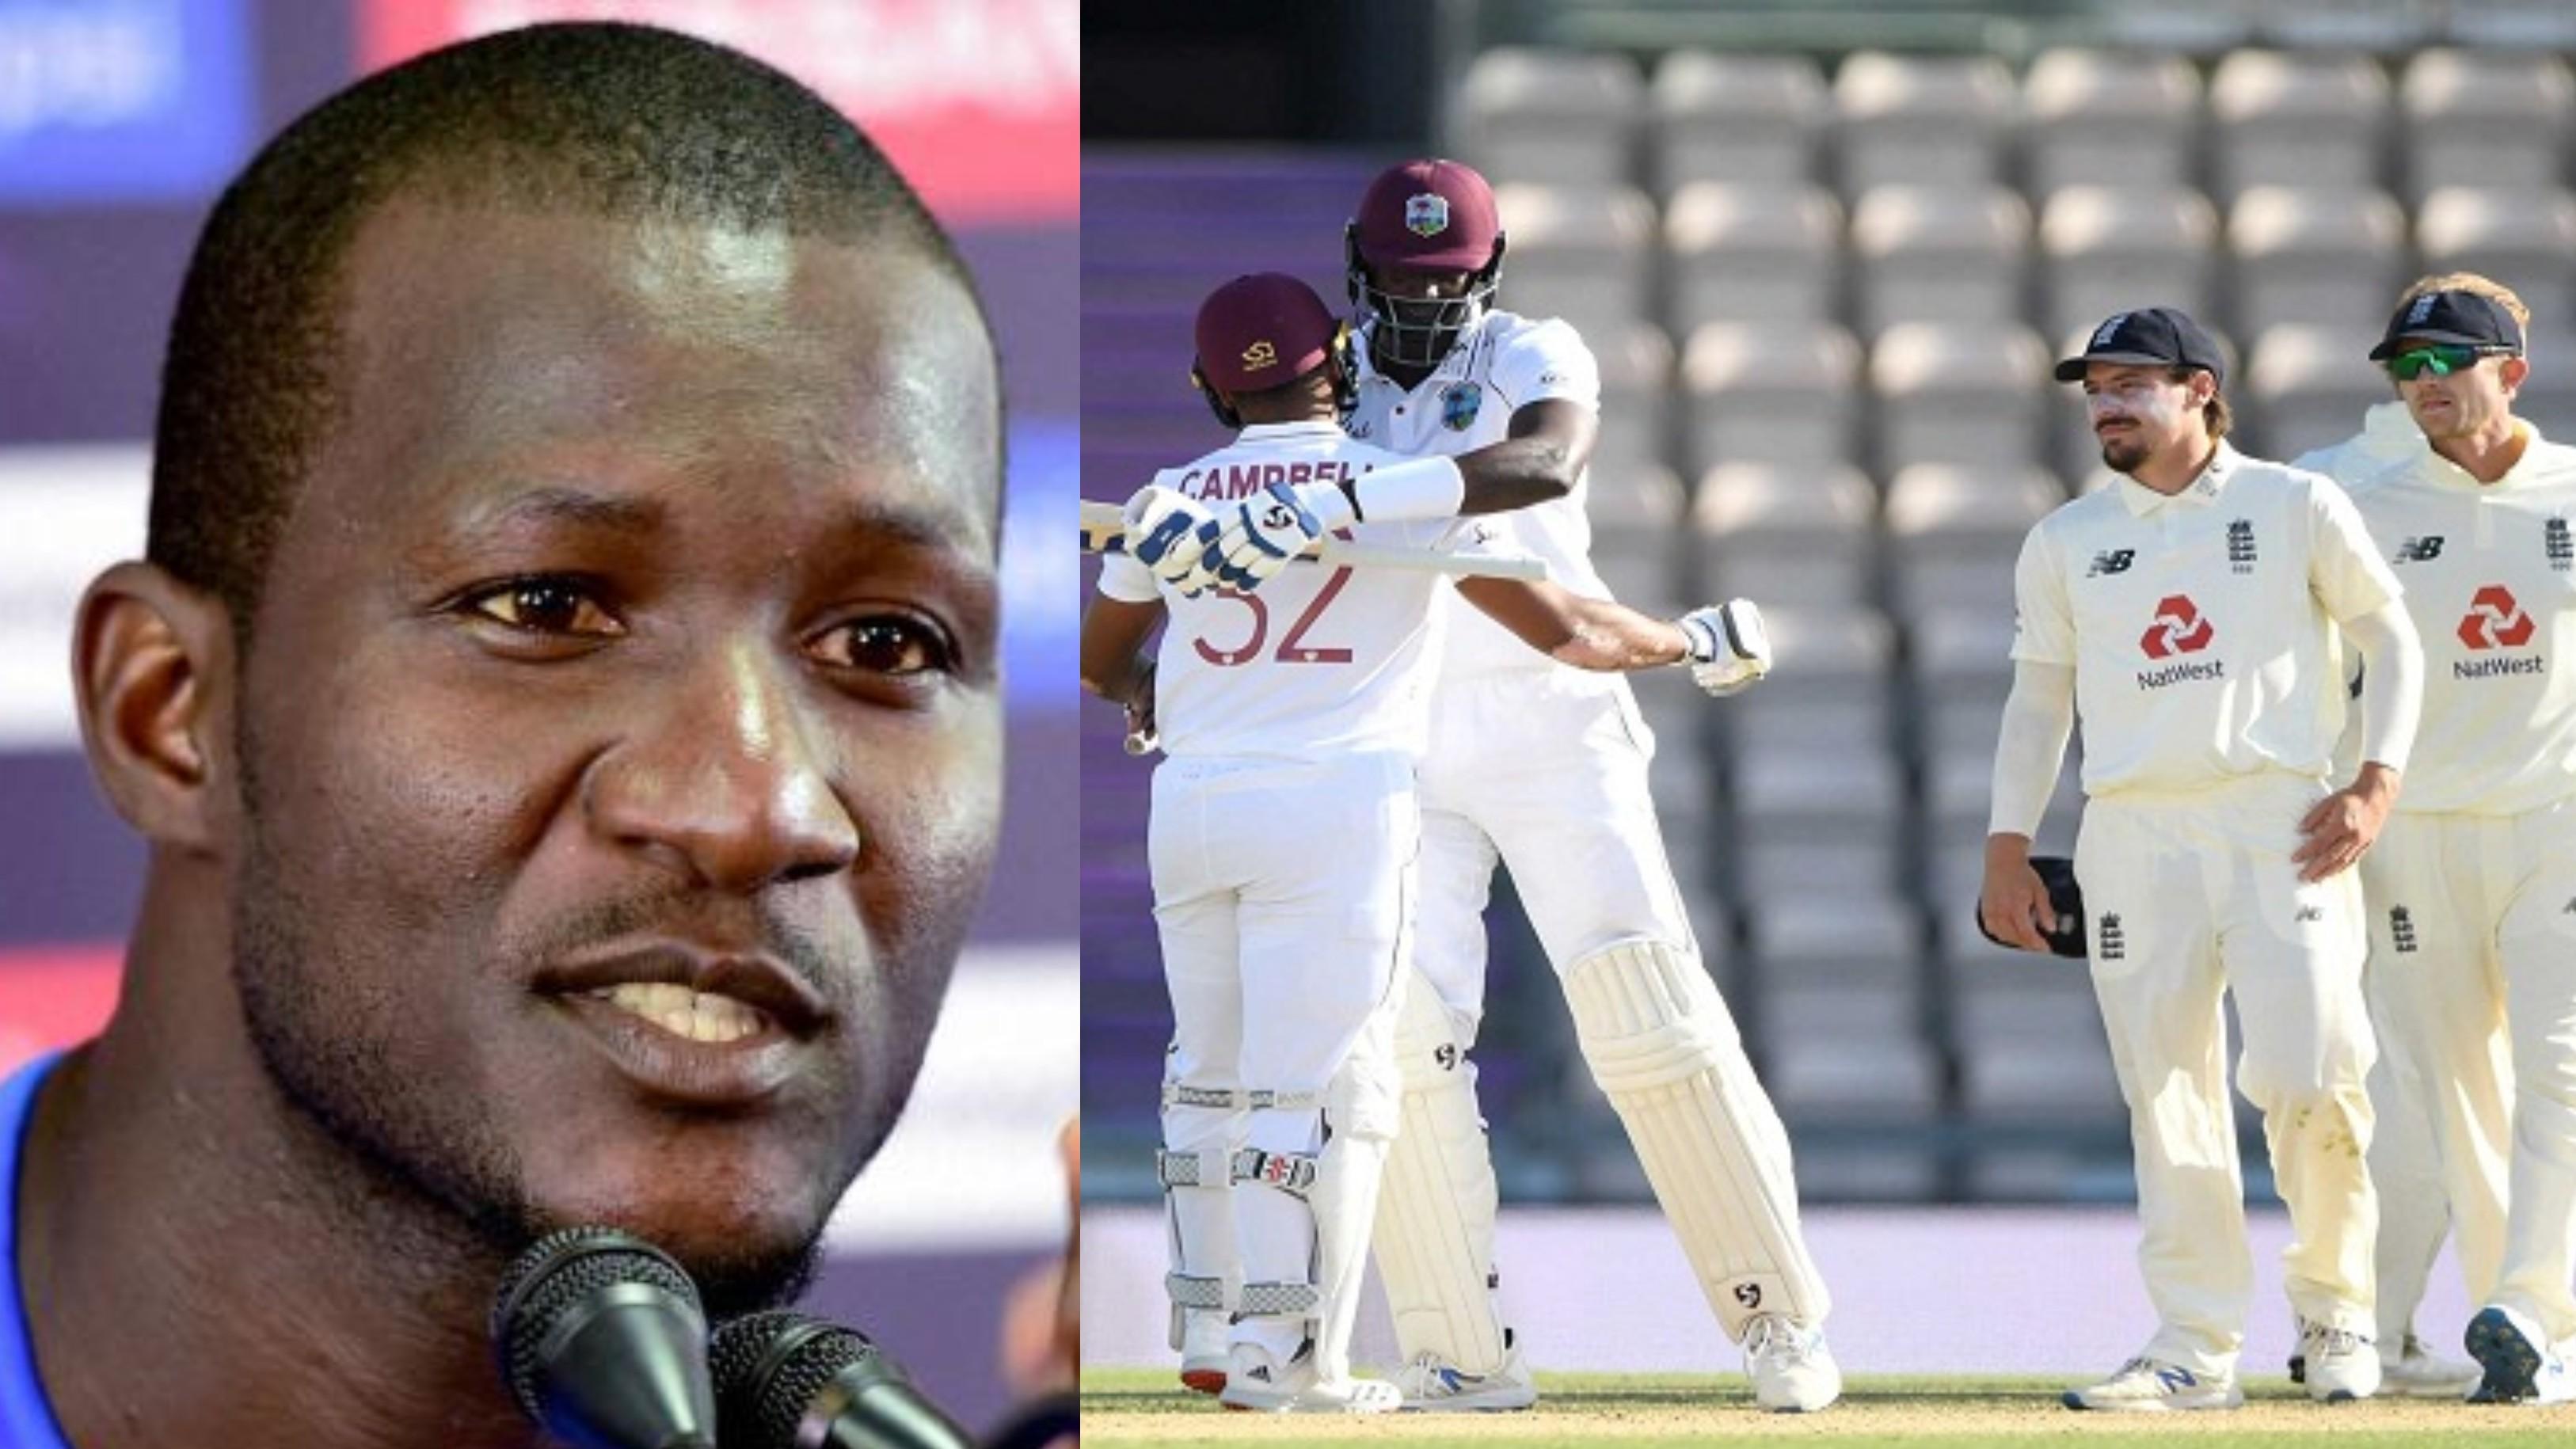 ENG v WI 2020: Black Lives Matter gave extra motivation to West Indies, says Darren Sammy after 1st Test win